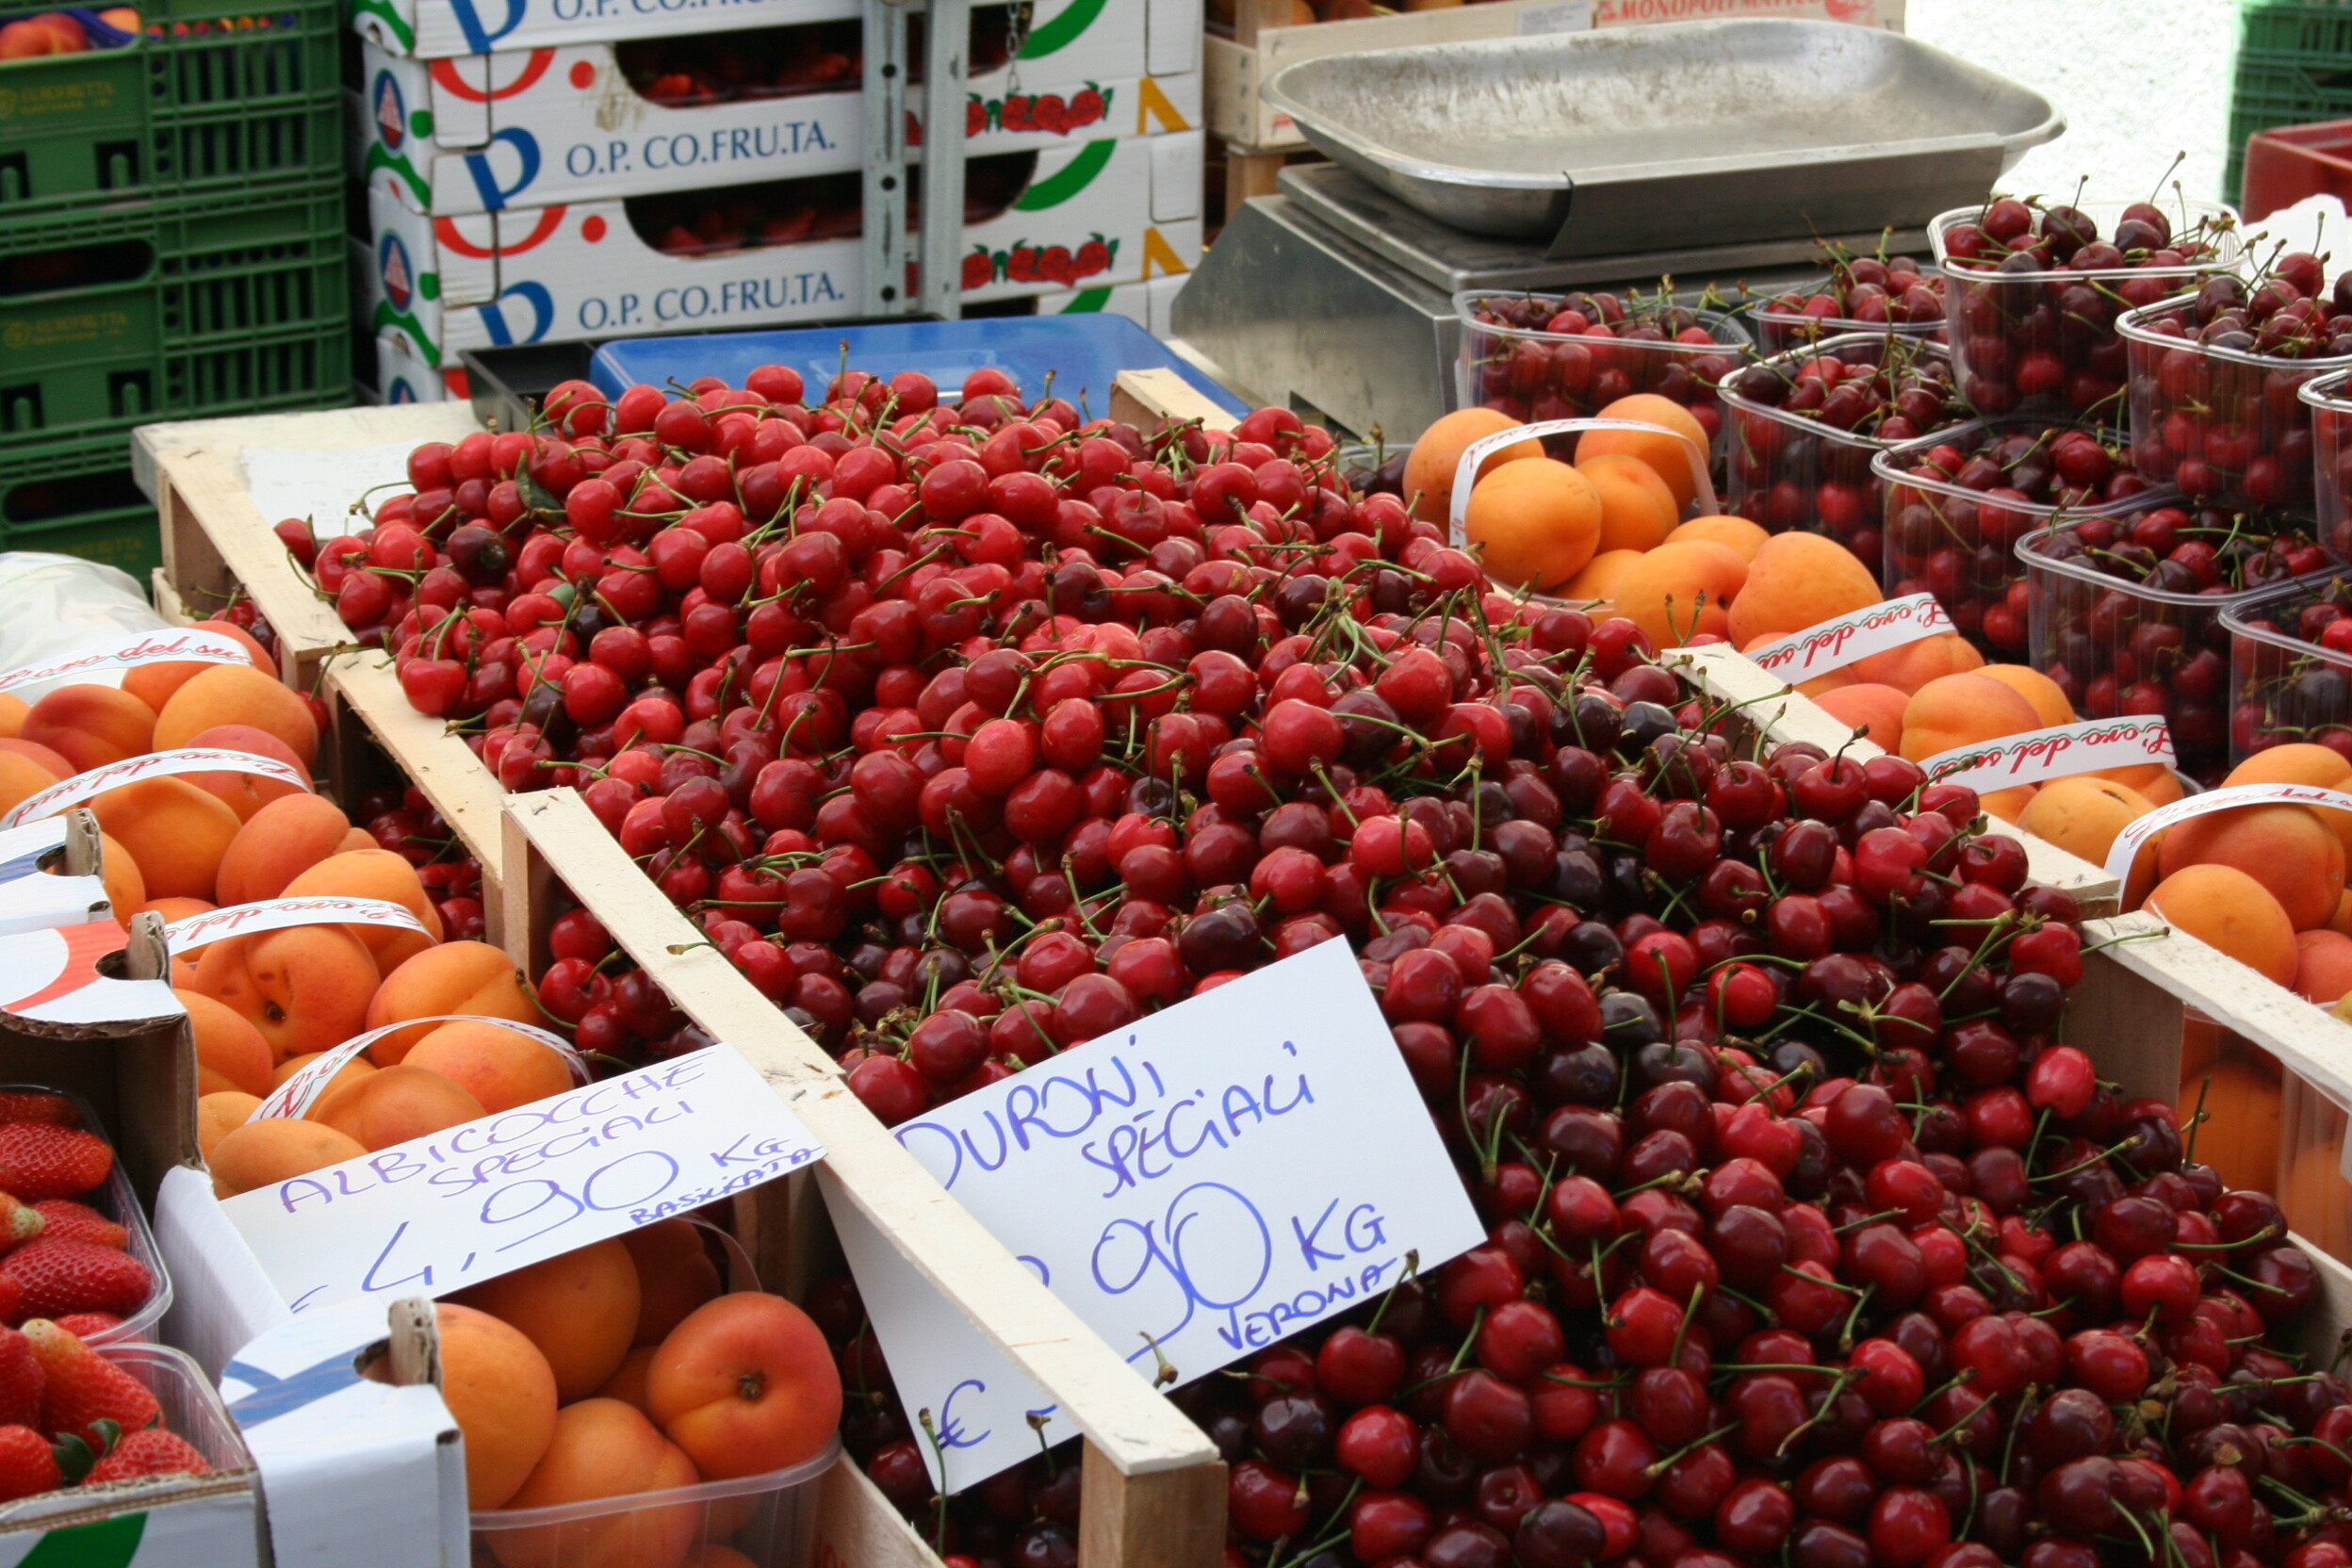 Siete sicuri di essere più al sicuro al supermercato che al mercatino degli agricoltori?